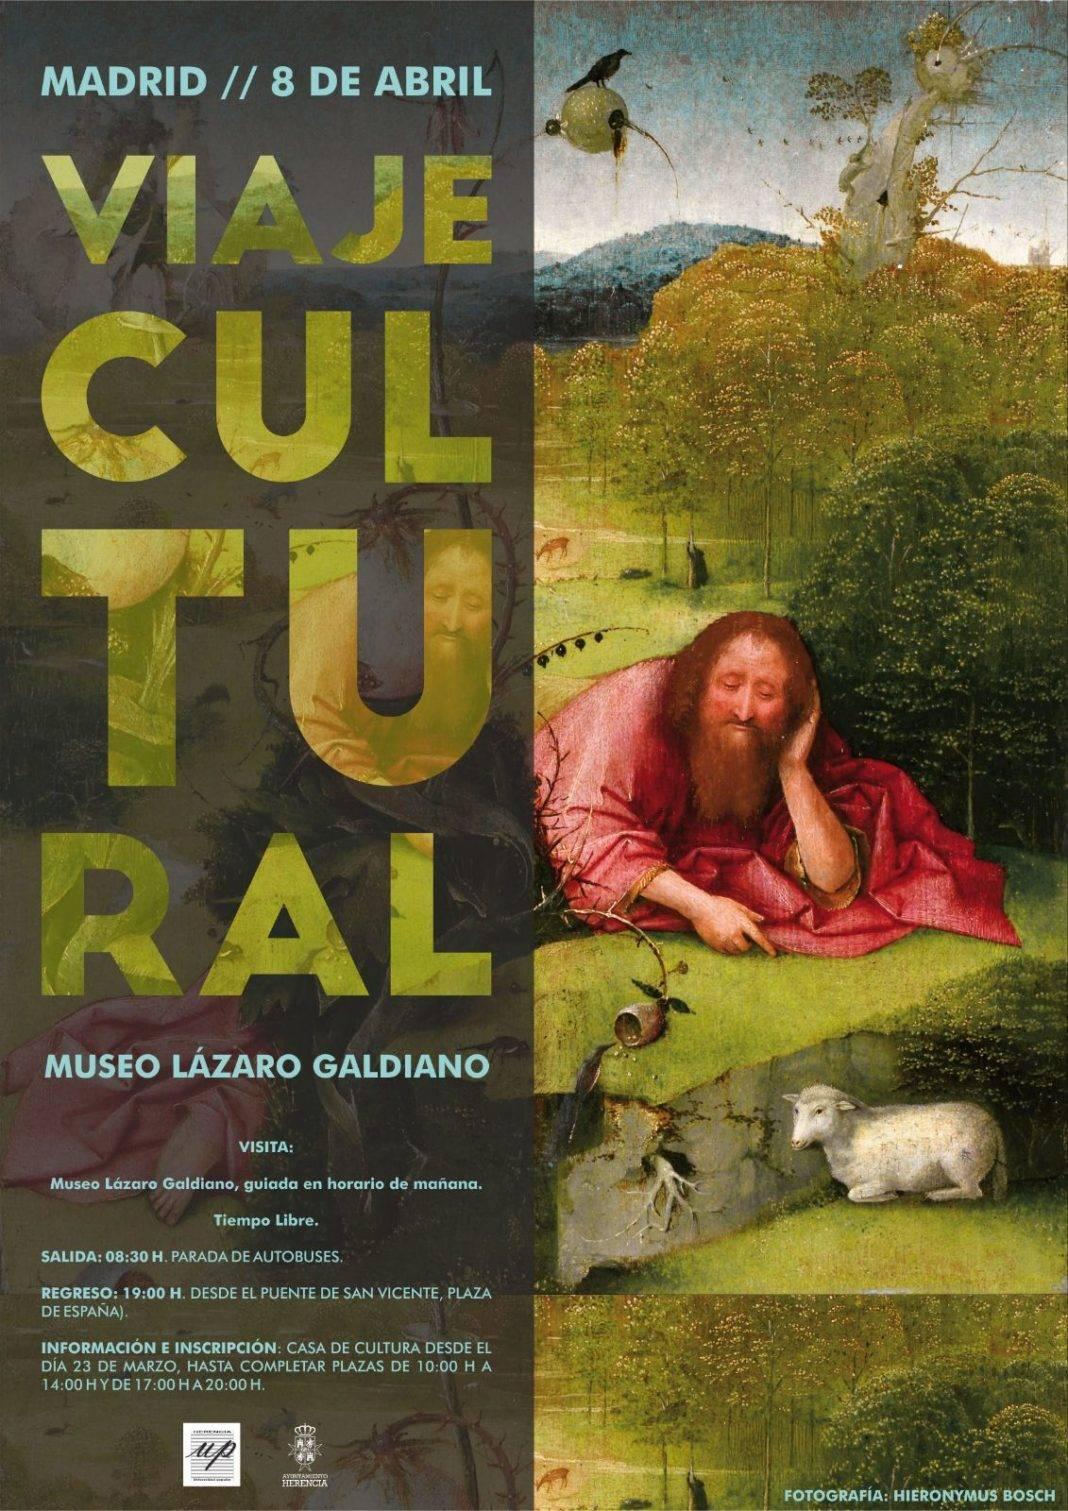 Viaje cultural al museo Lazaro Galdiano 1068x1511 - Viaje cultural al museo Lázaro Galdiano de Madrid